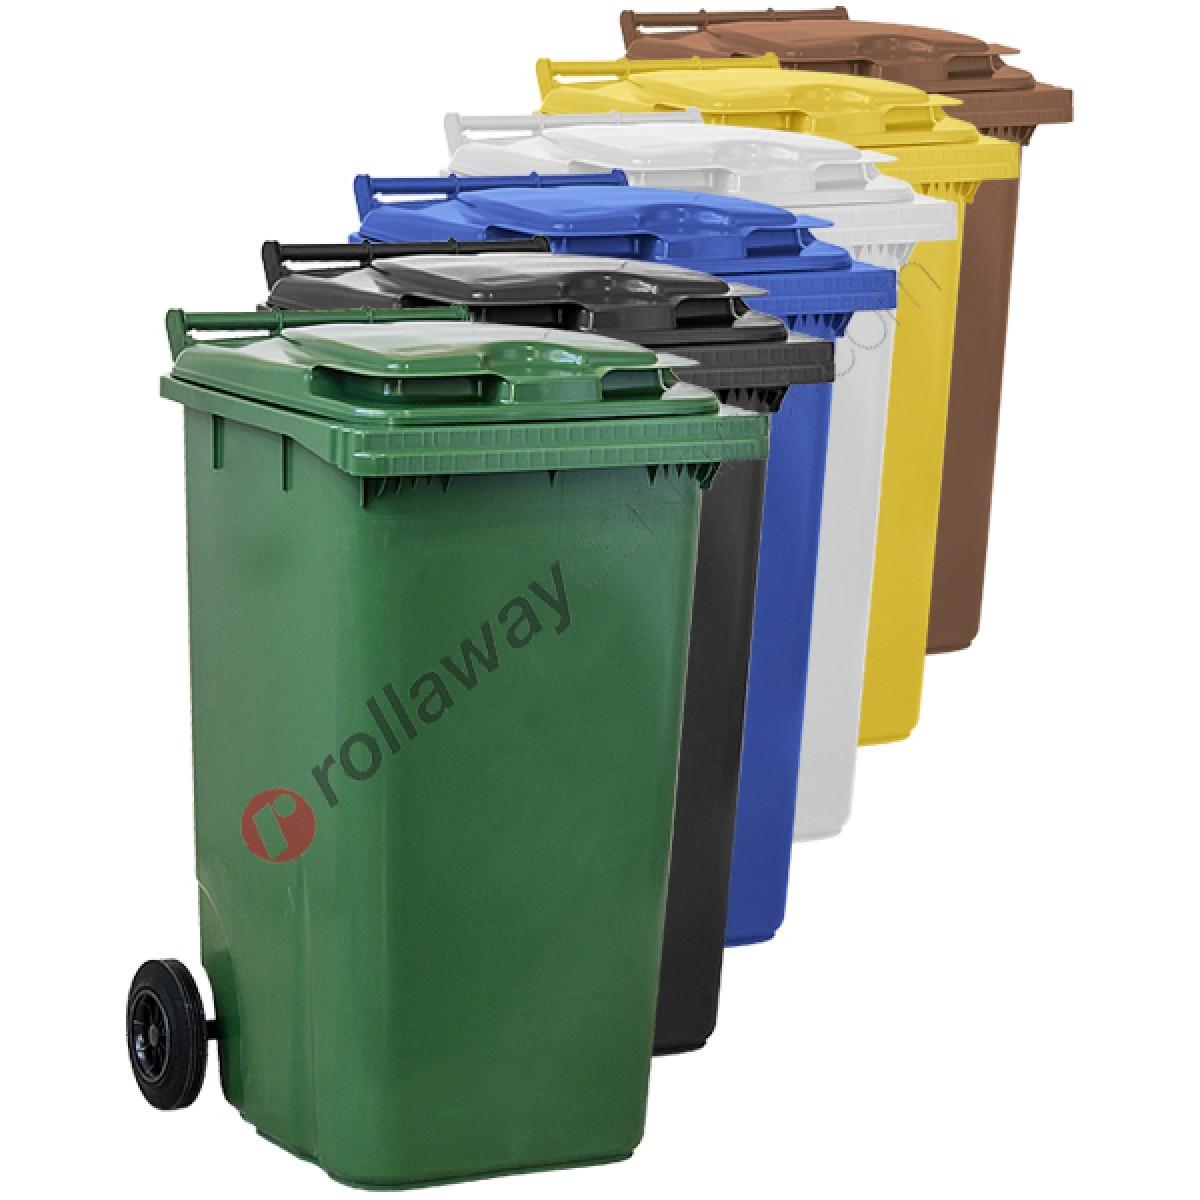 Cestini Raccolta Differenziata Casa bidoni raccolta differenziata spazzatura e immondizia da 240 litri con 2  ruote